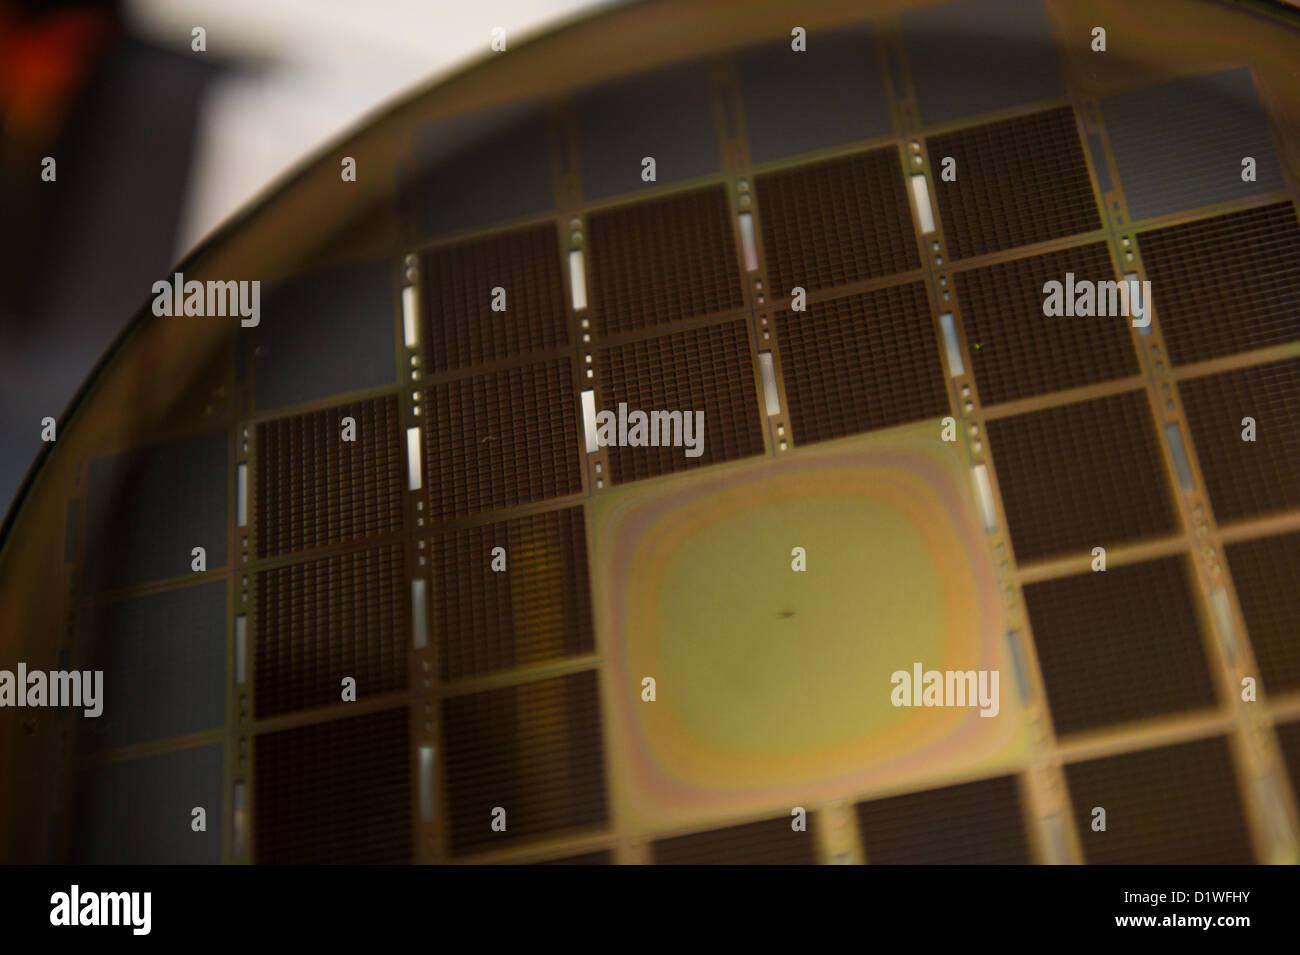 Las Vegas, États-Unis - 2013-01-06. Les piles à combustible d'oxyde de silicium sur une galette de Photo Stock